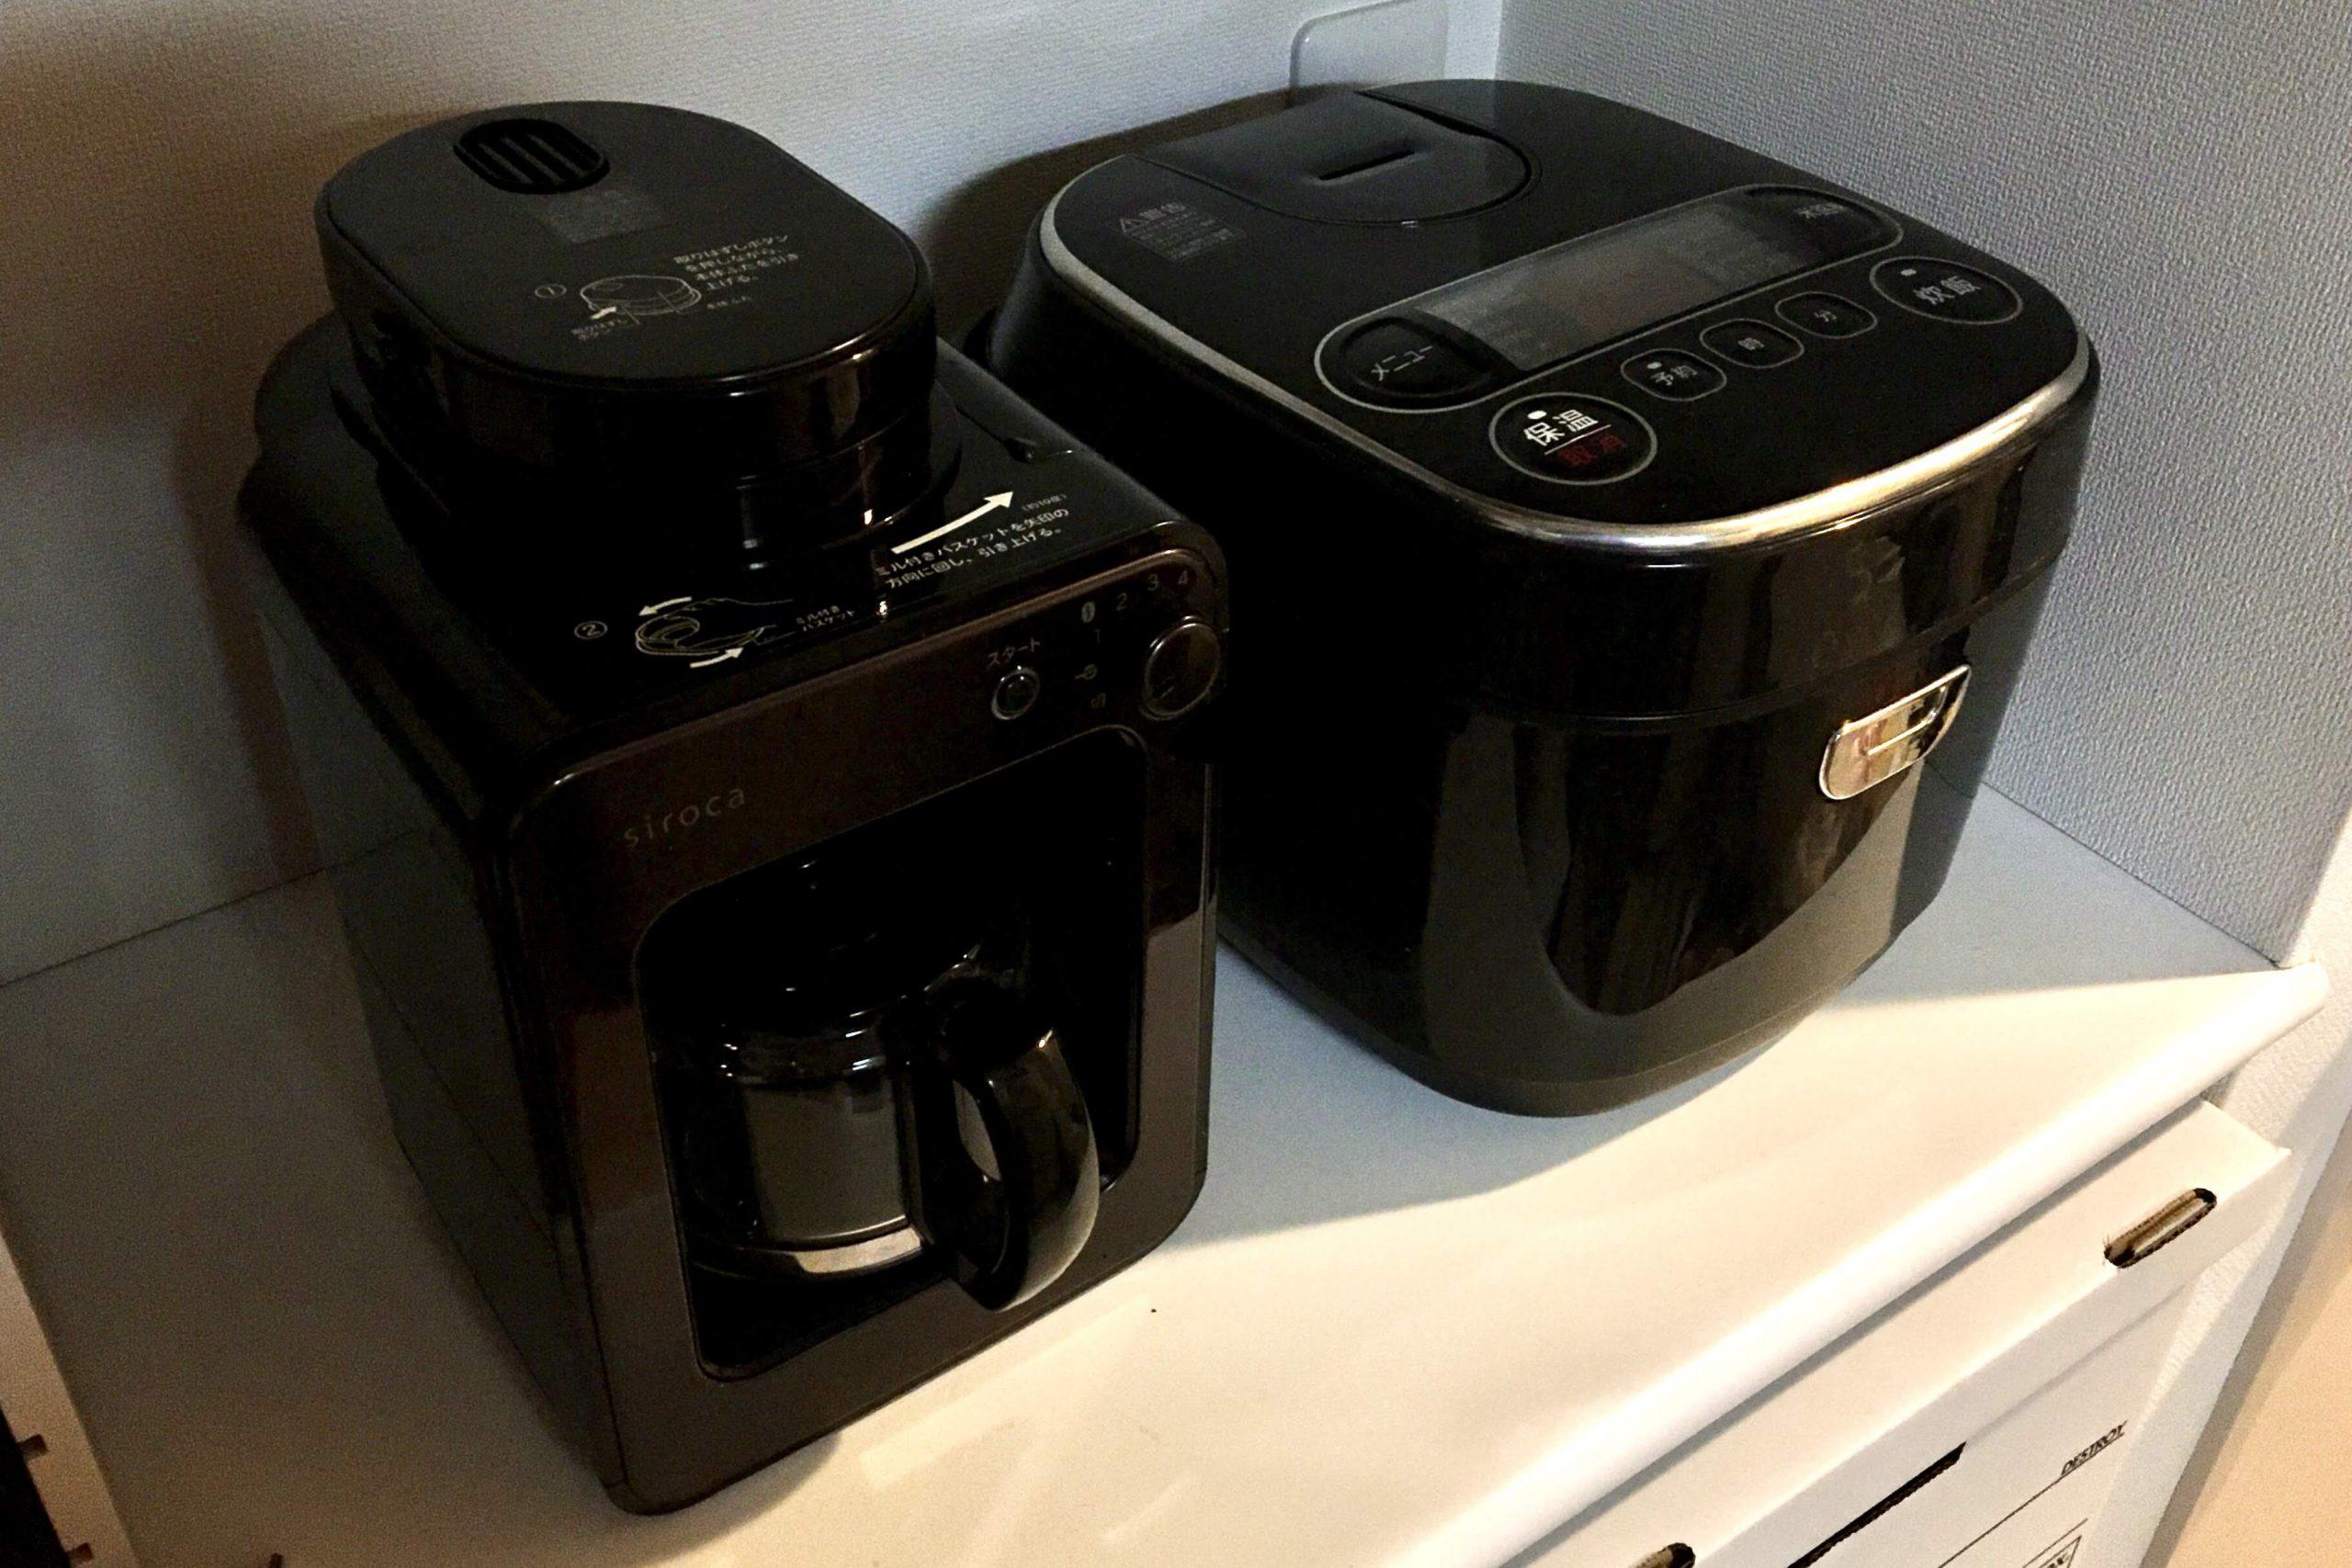 siroca 全自動コーヒーメーカー SC-A221 タングステンブラック